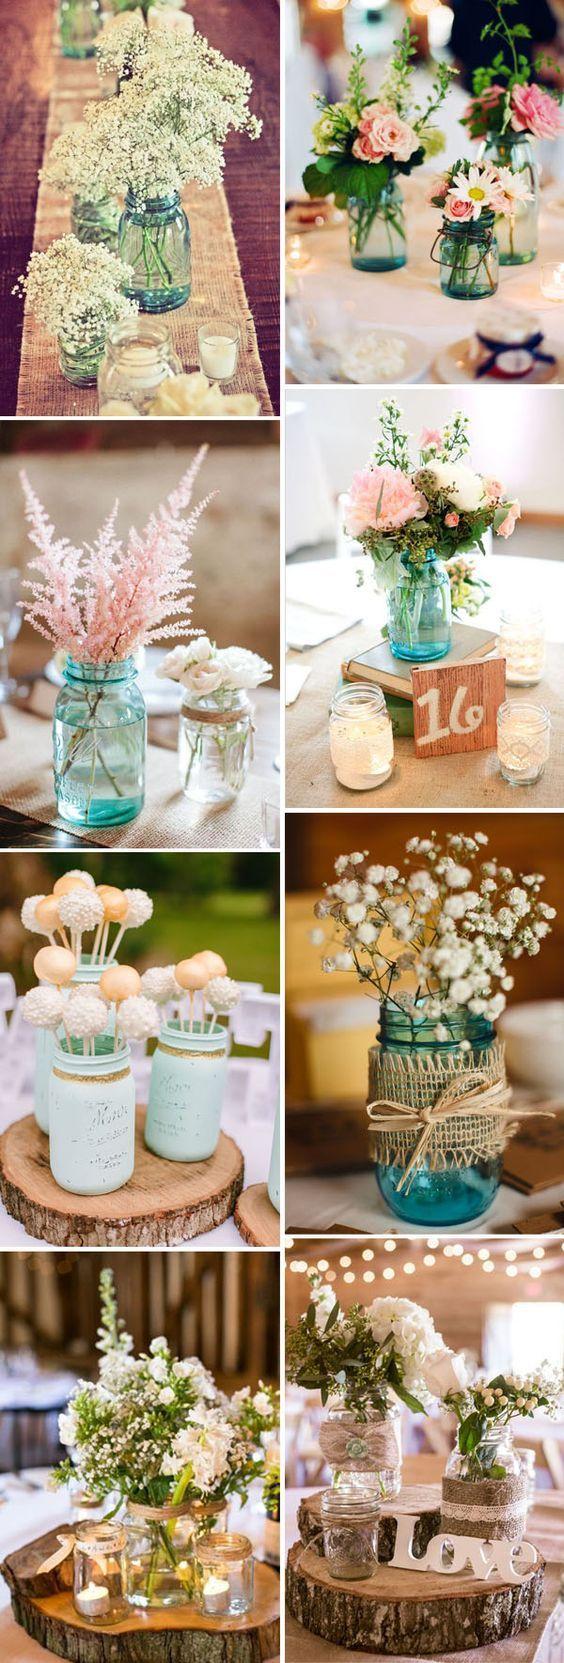 Best Rustic Wedding Ideas with Mason Jars  Mason jar weddings